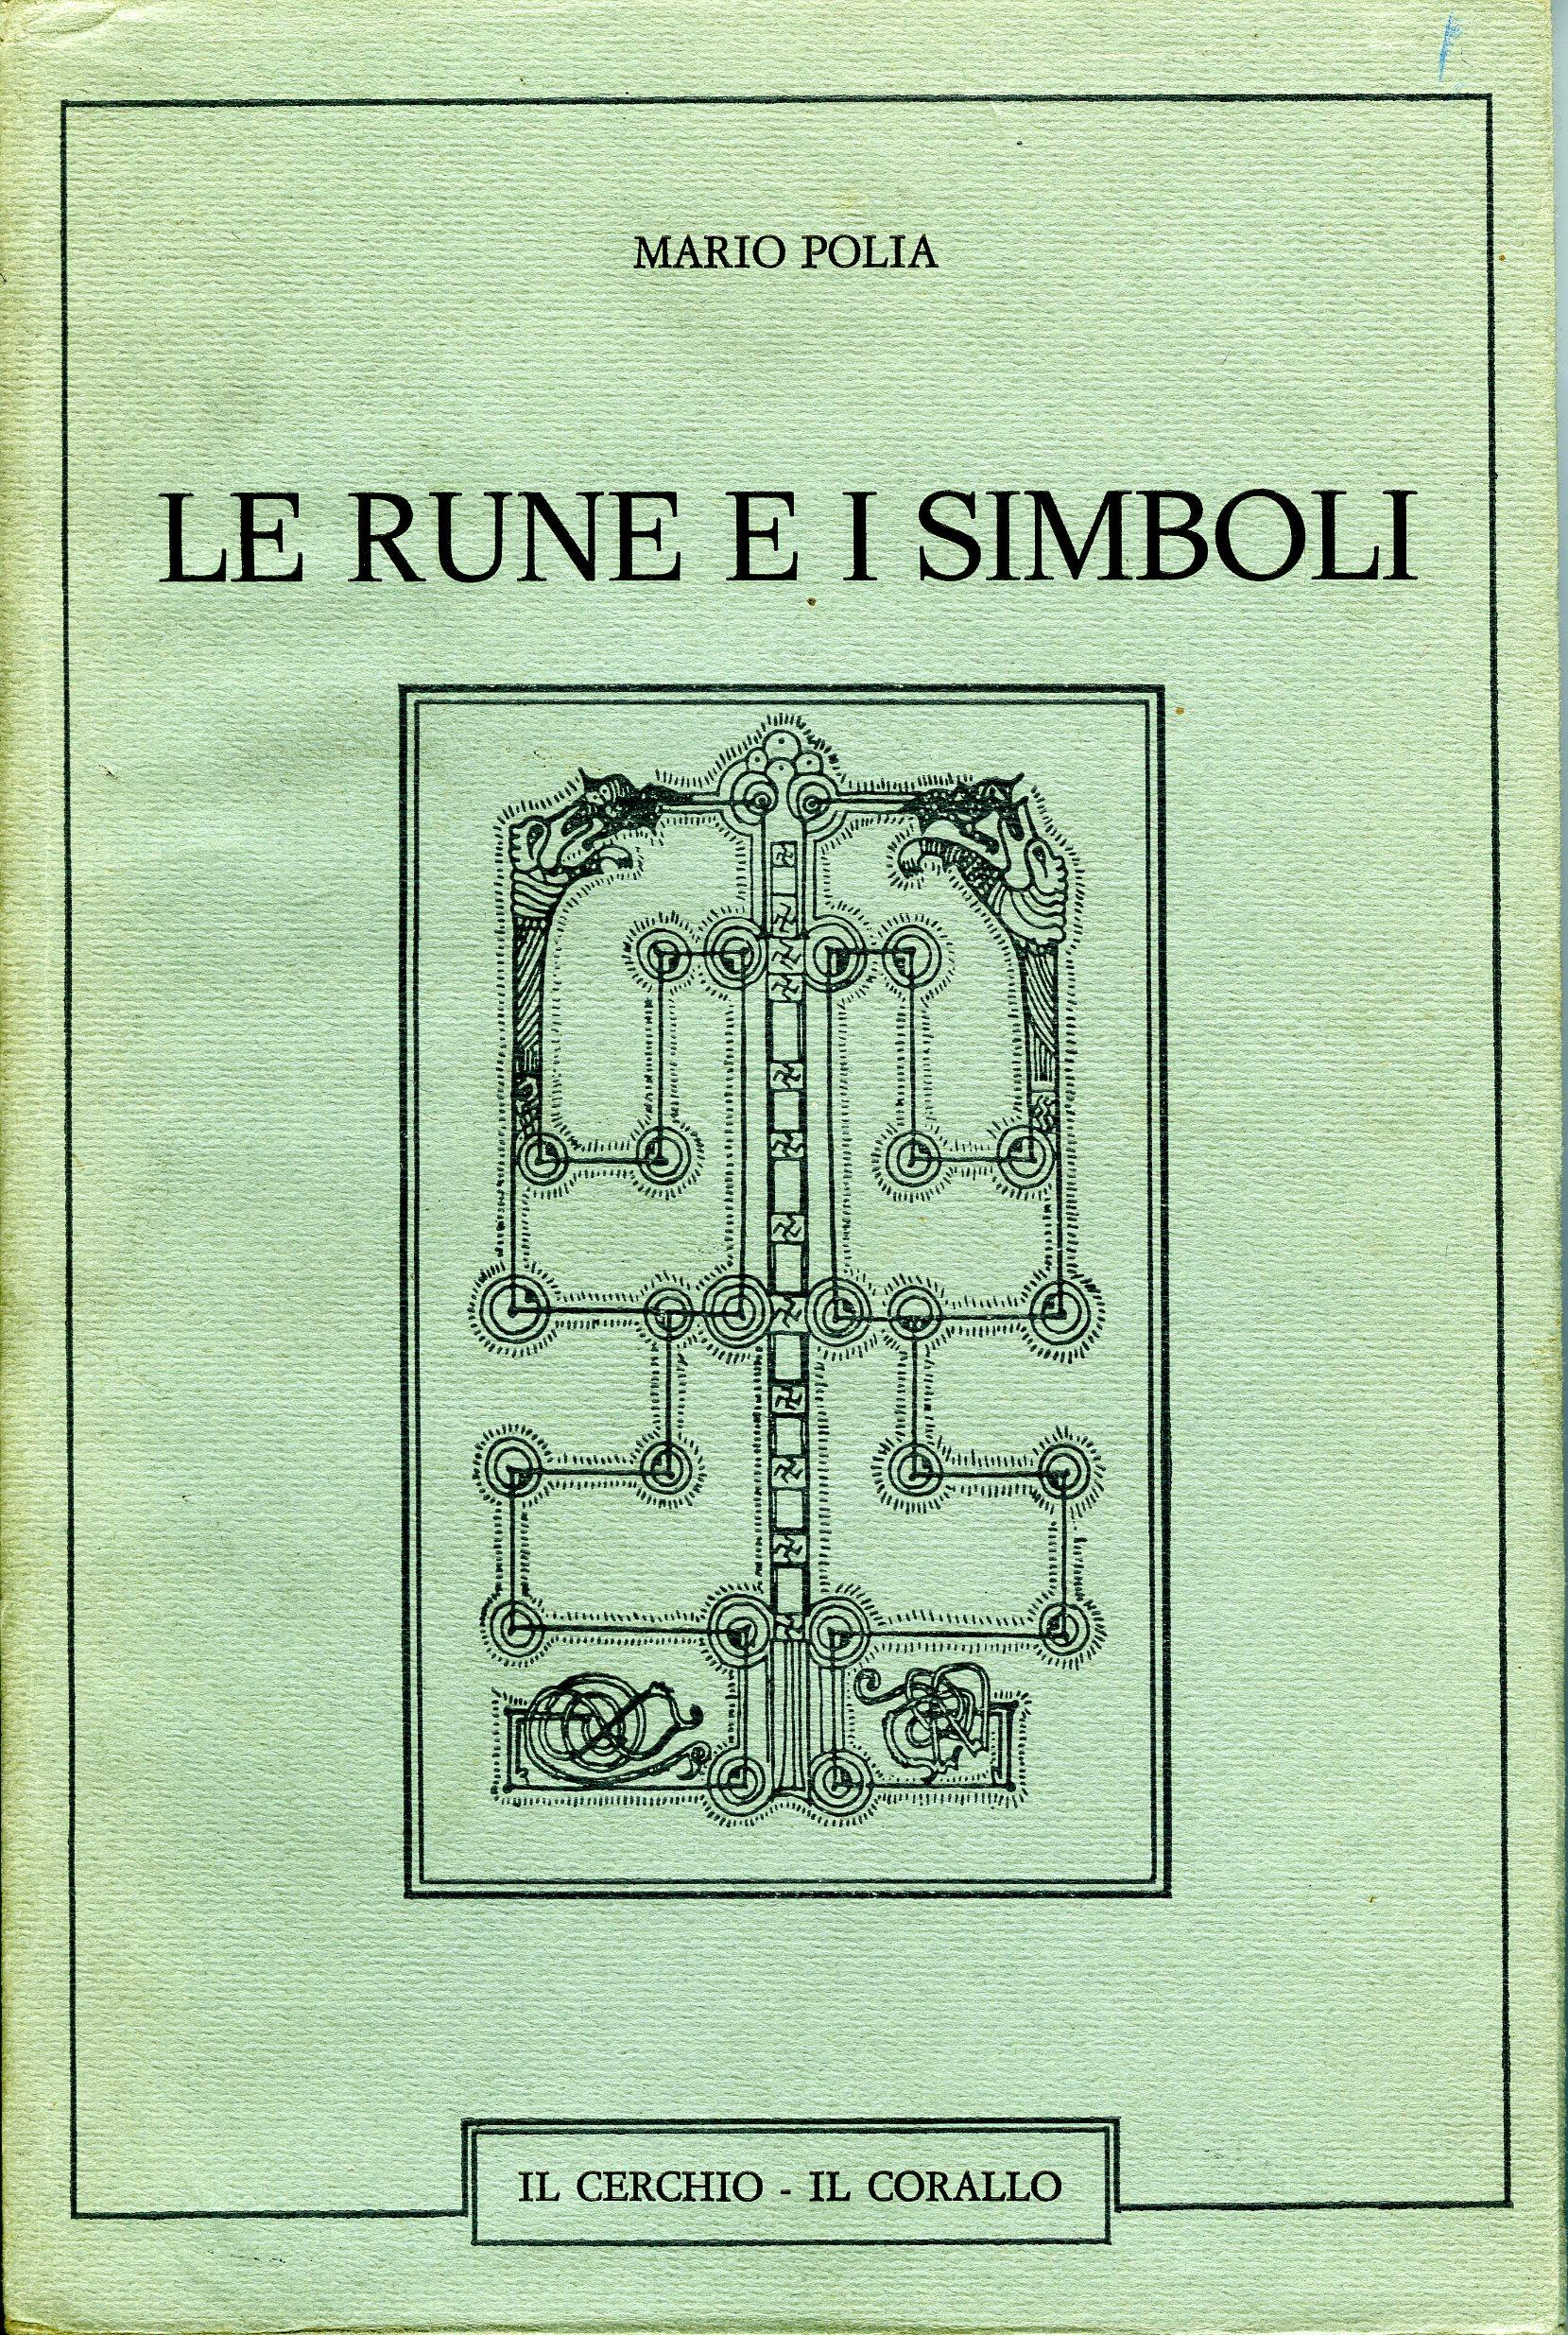 Le rune e i simboli